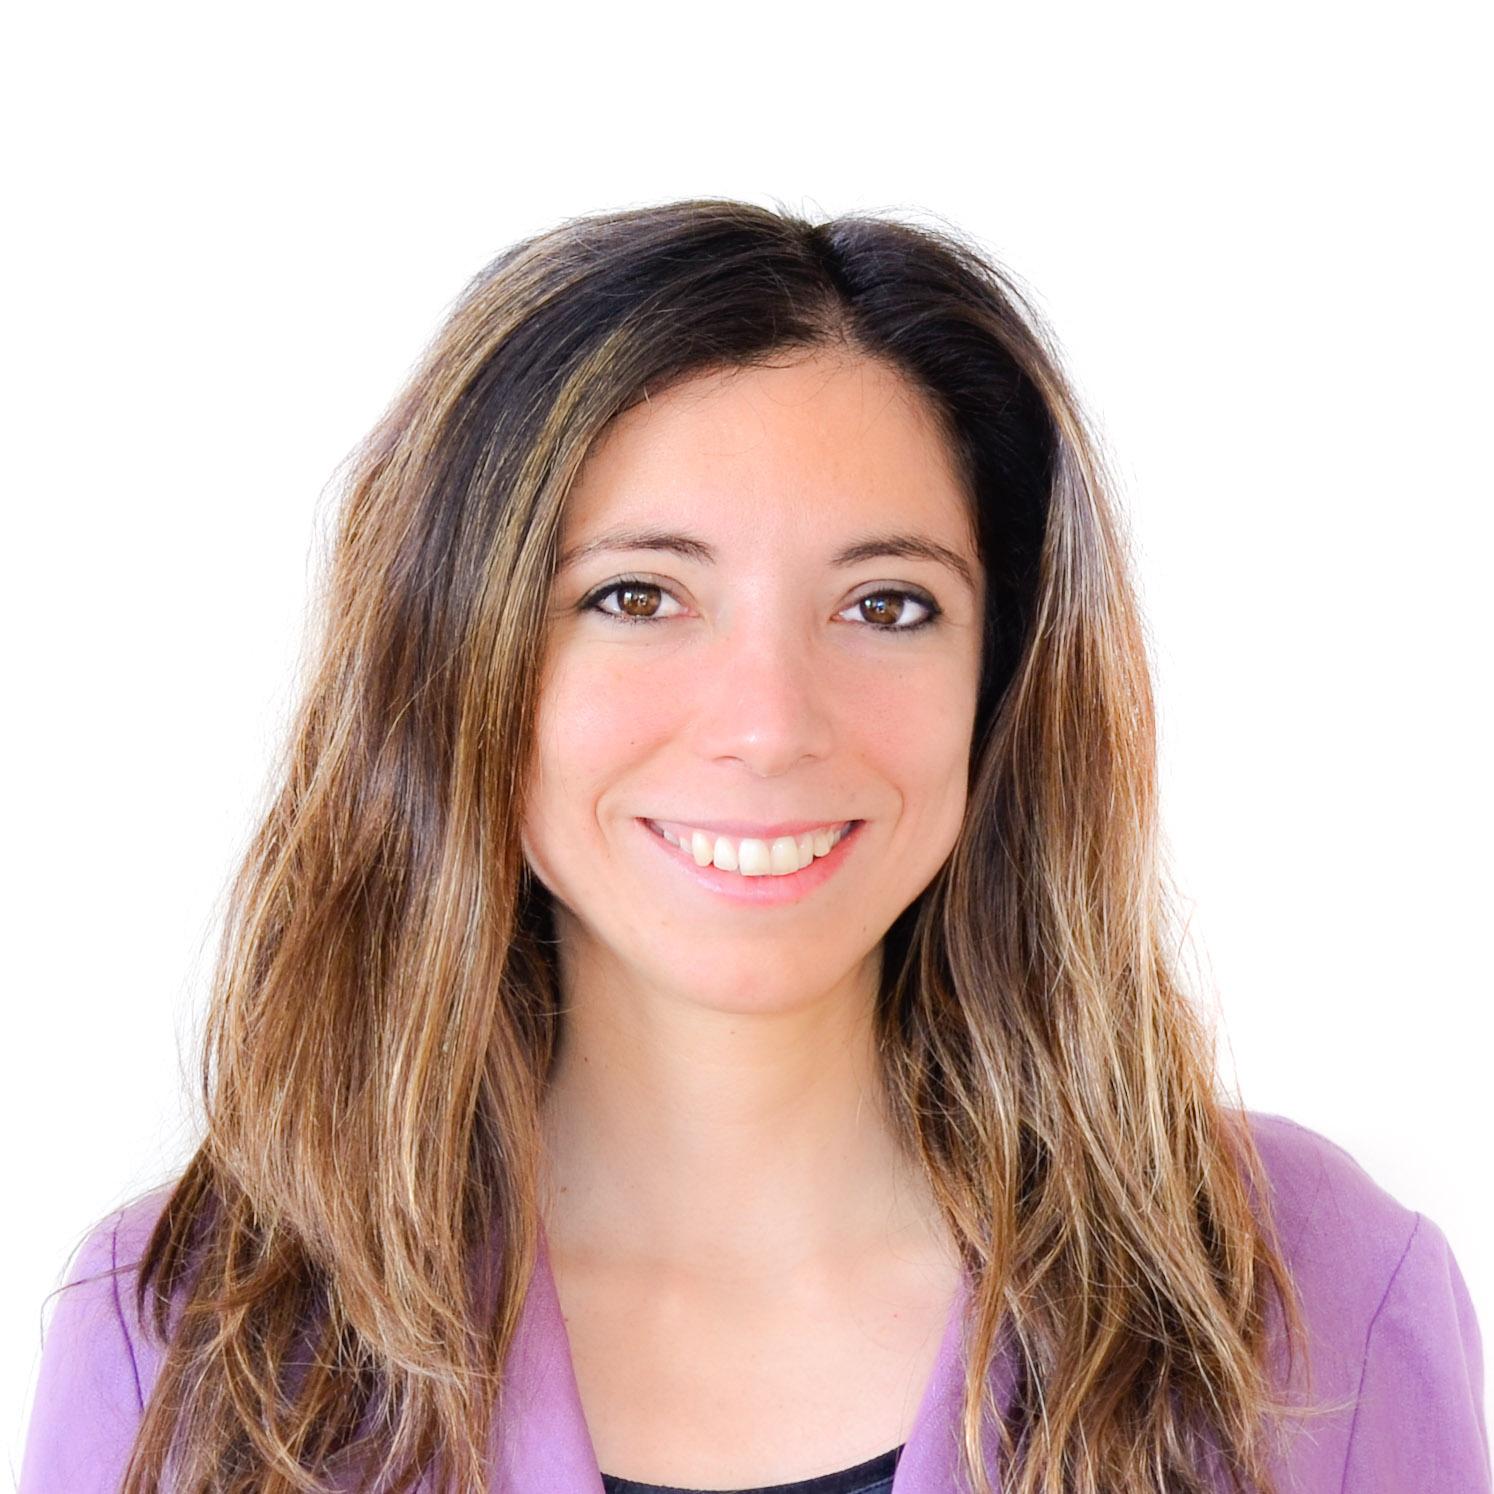 Maria Constanza Barros